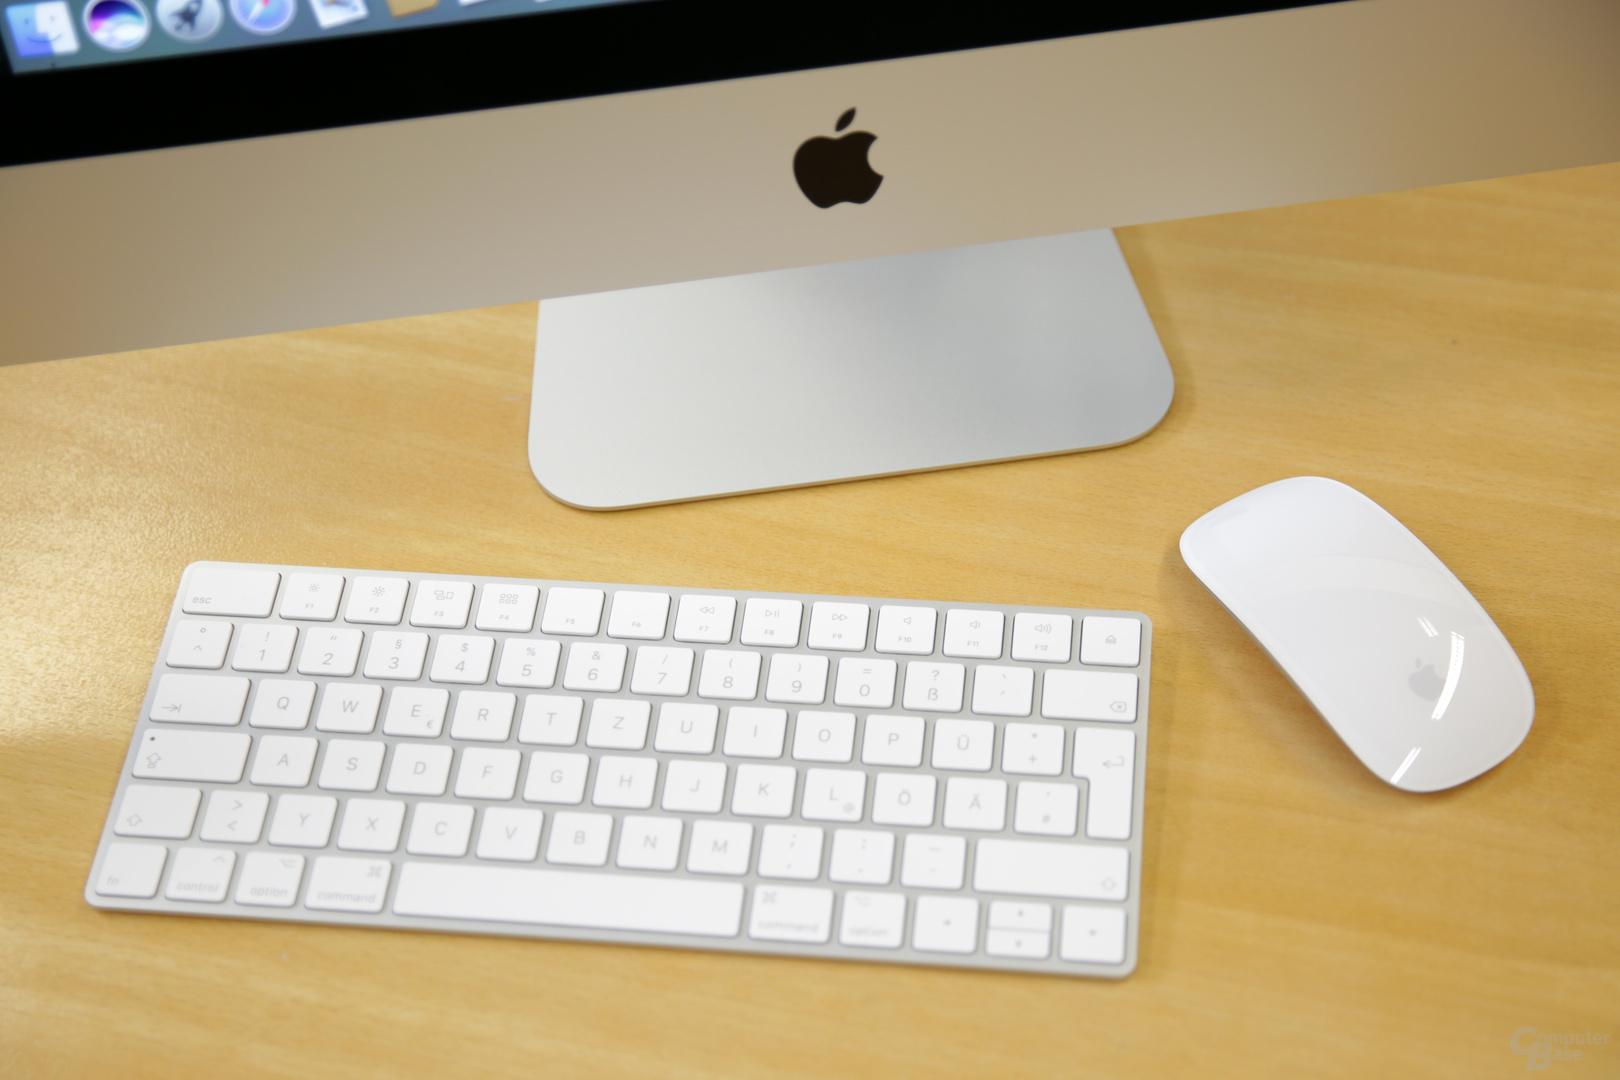 Der iMac kommt mit Magic Keyboard und Magic Mouse 2